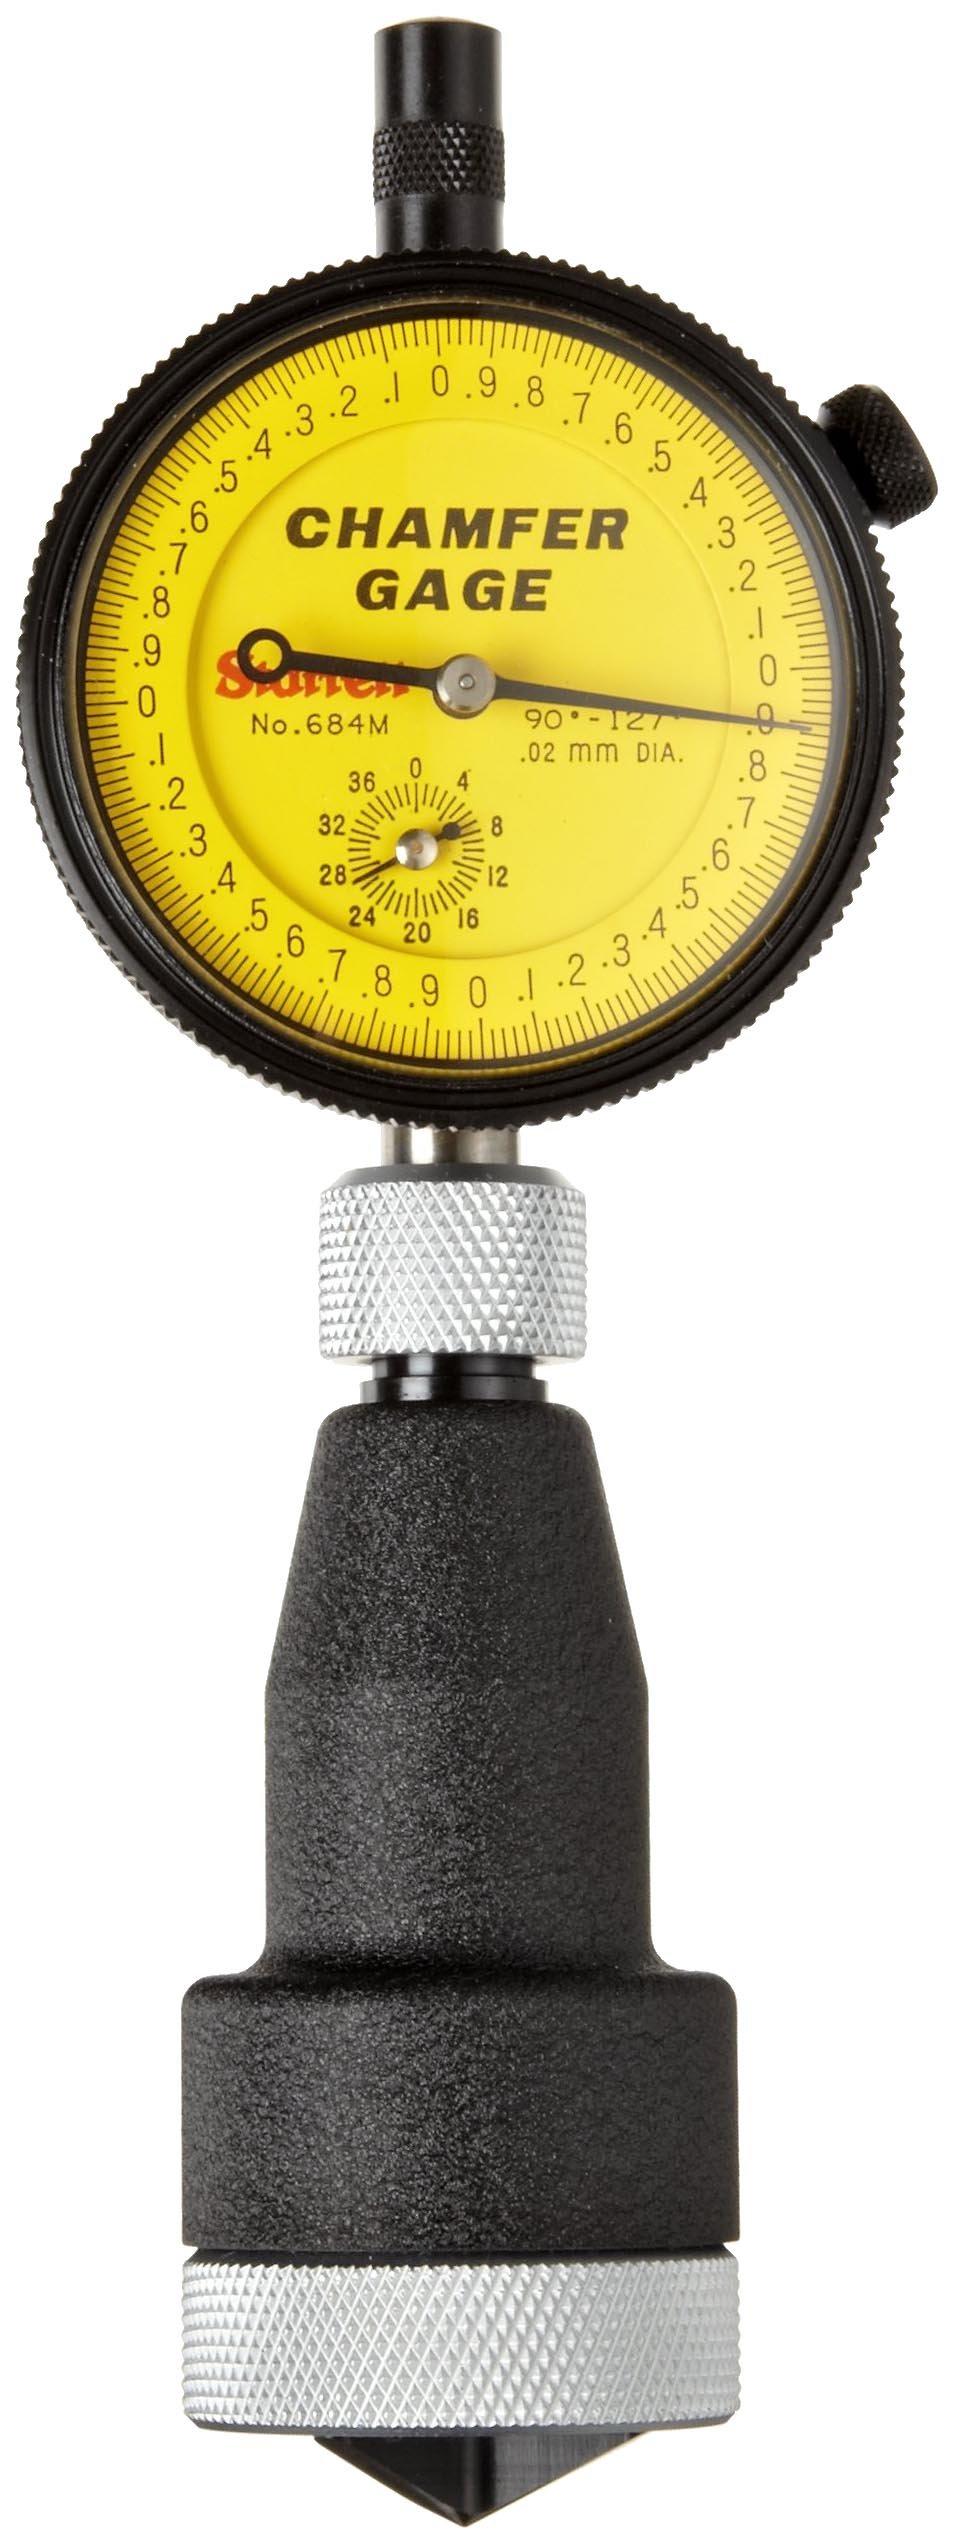 Starrett 684M-3Z Millimeter Reading Internal